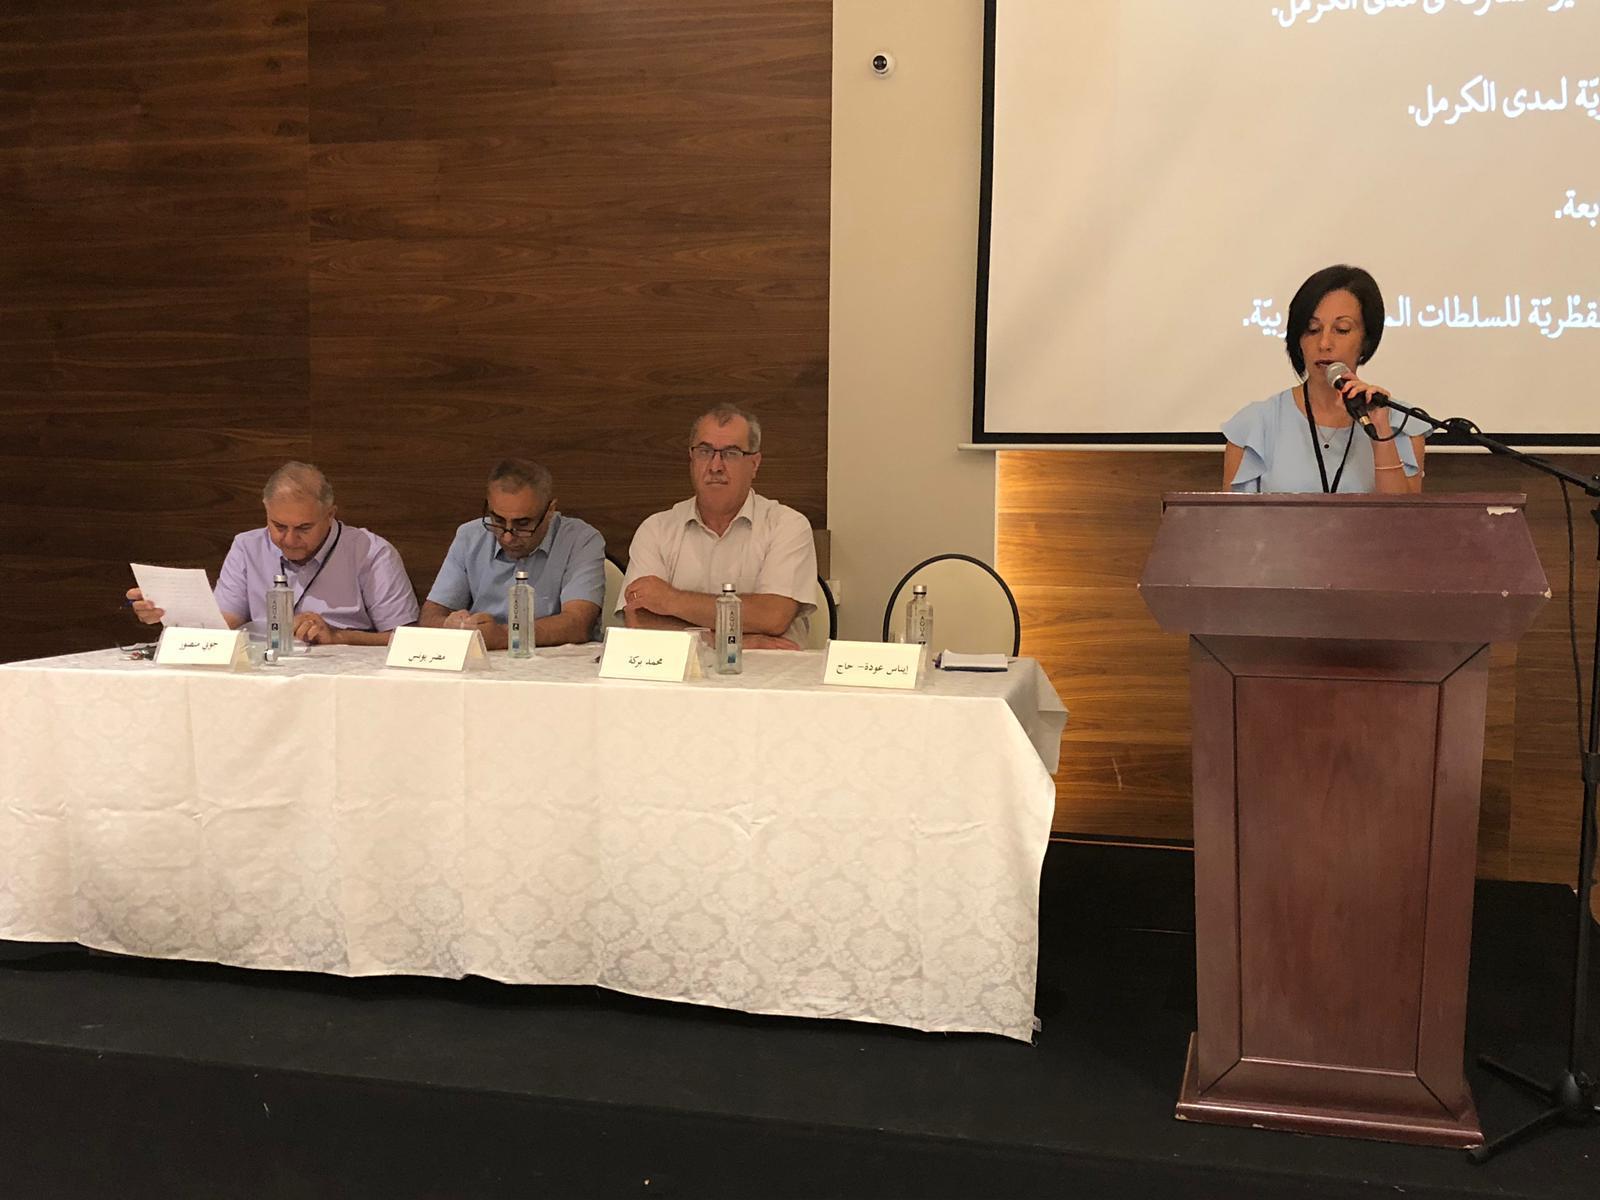 """مؤتمر """"مدى الكرمل"""" السنوي: نقاش تحولات المشاركة السياسية"""